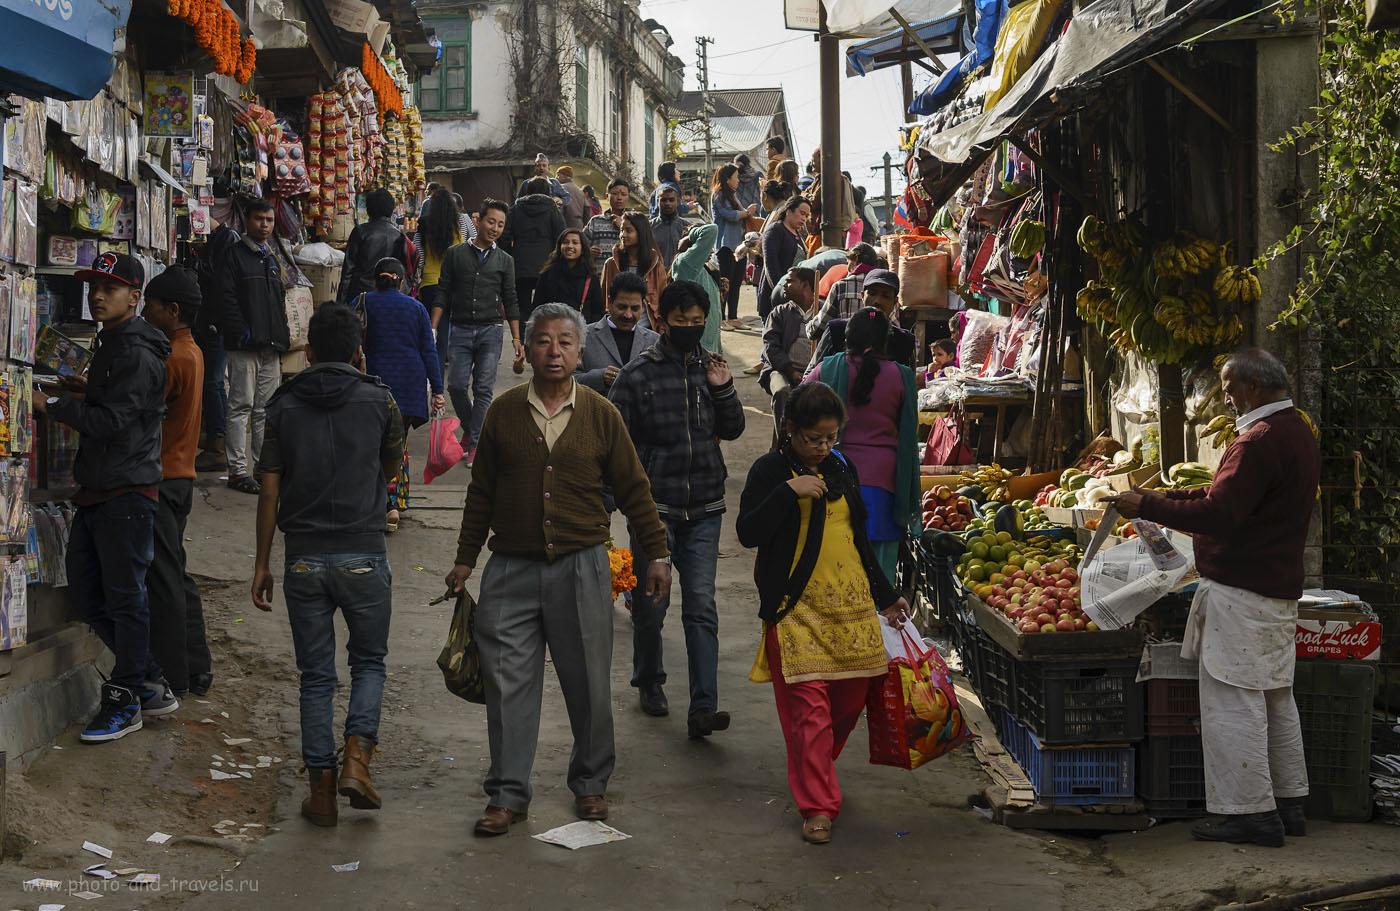 Фото 18. В этой части страны обитают «другие»… В первой части отзыва я писал, что Индия – одна из самых многонациональных стран на планете. И причина, почему большинство говорит по-английски в том, что для них он – как русский для жителей России: средство межнационального общения. Поездка в Дарджилинг из Варанаси. 1/250, -1.33, 5.0, 250, 44.